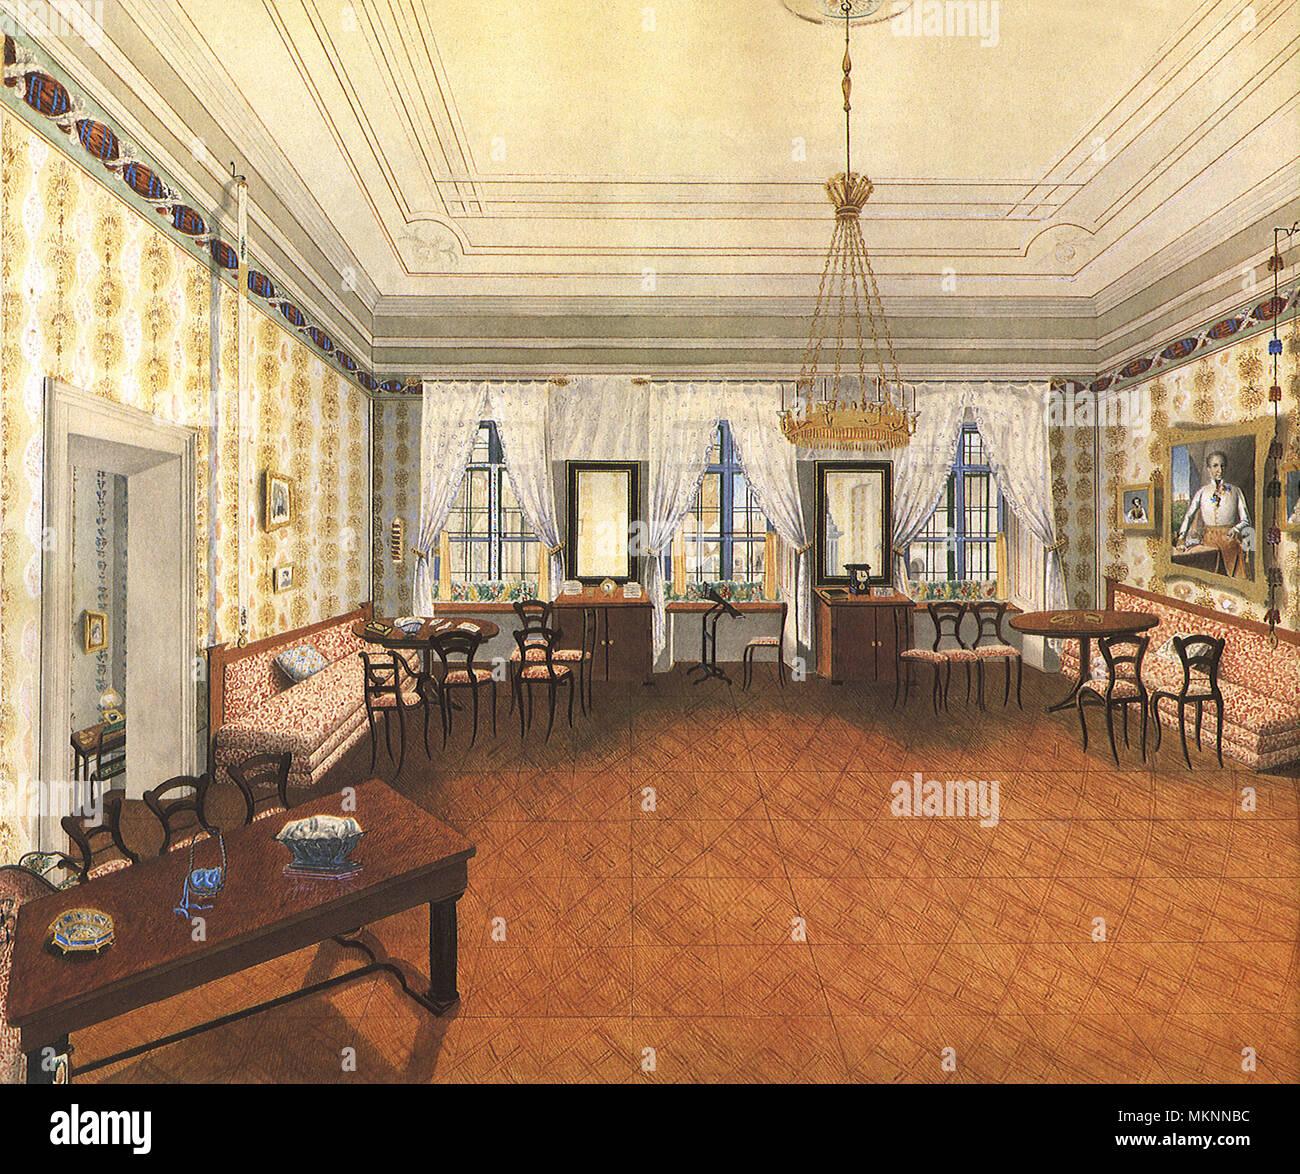 Biedermeier Wohnzimmer Stockfotografie - Alamy